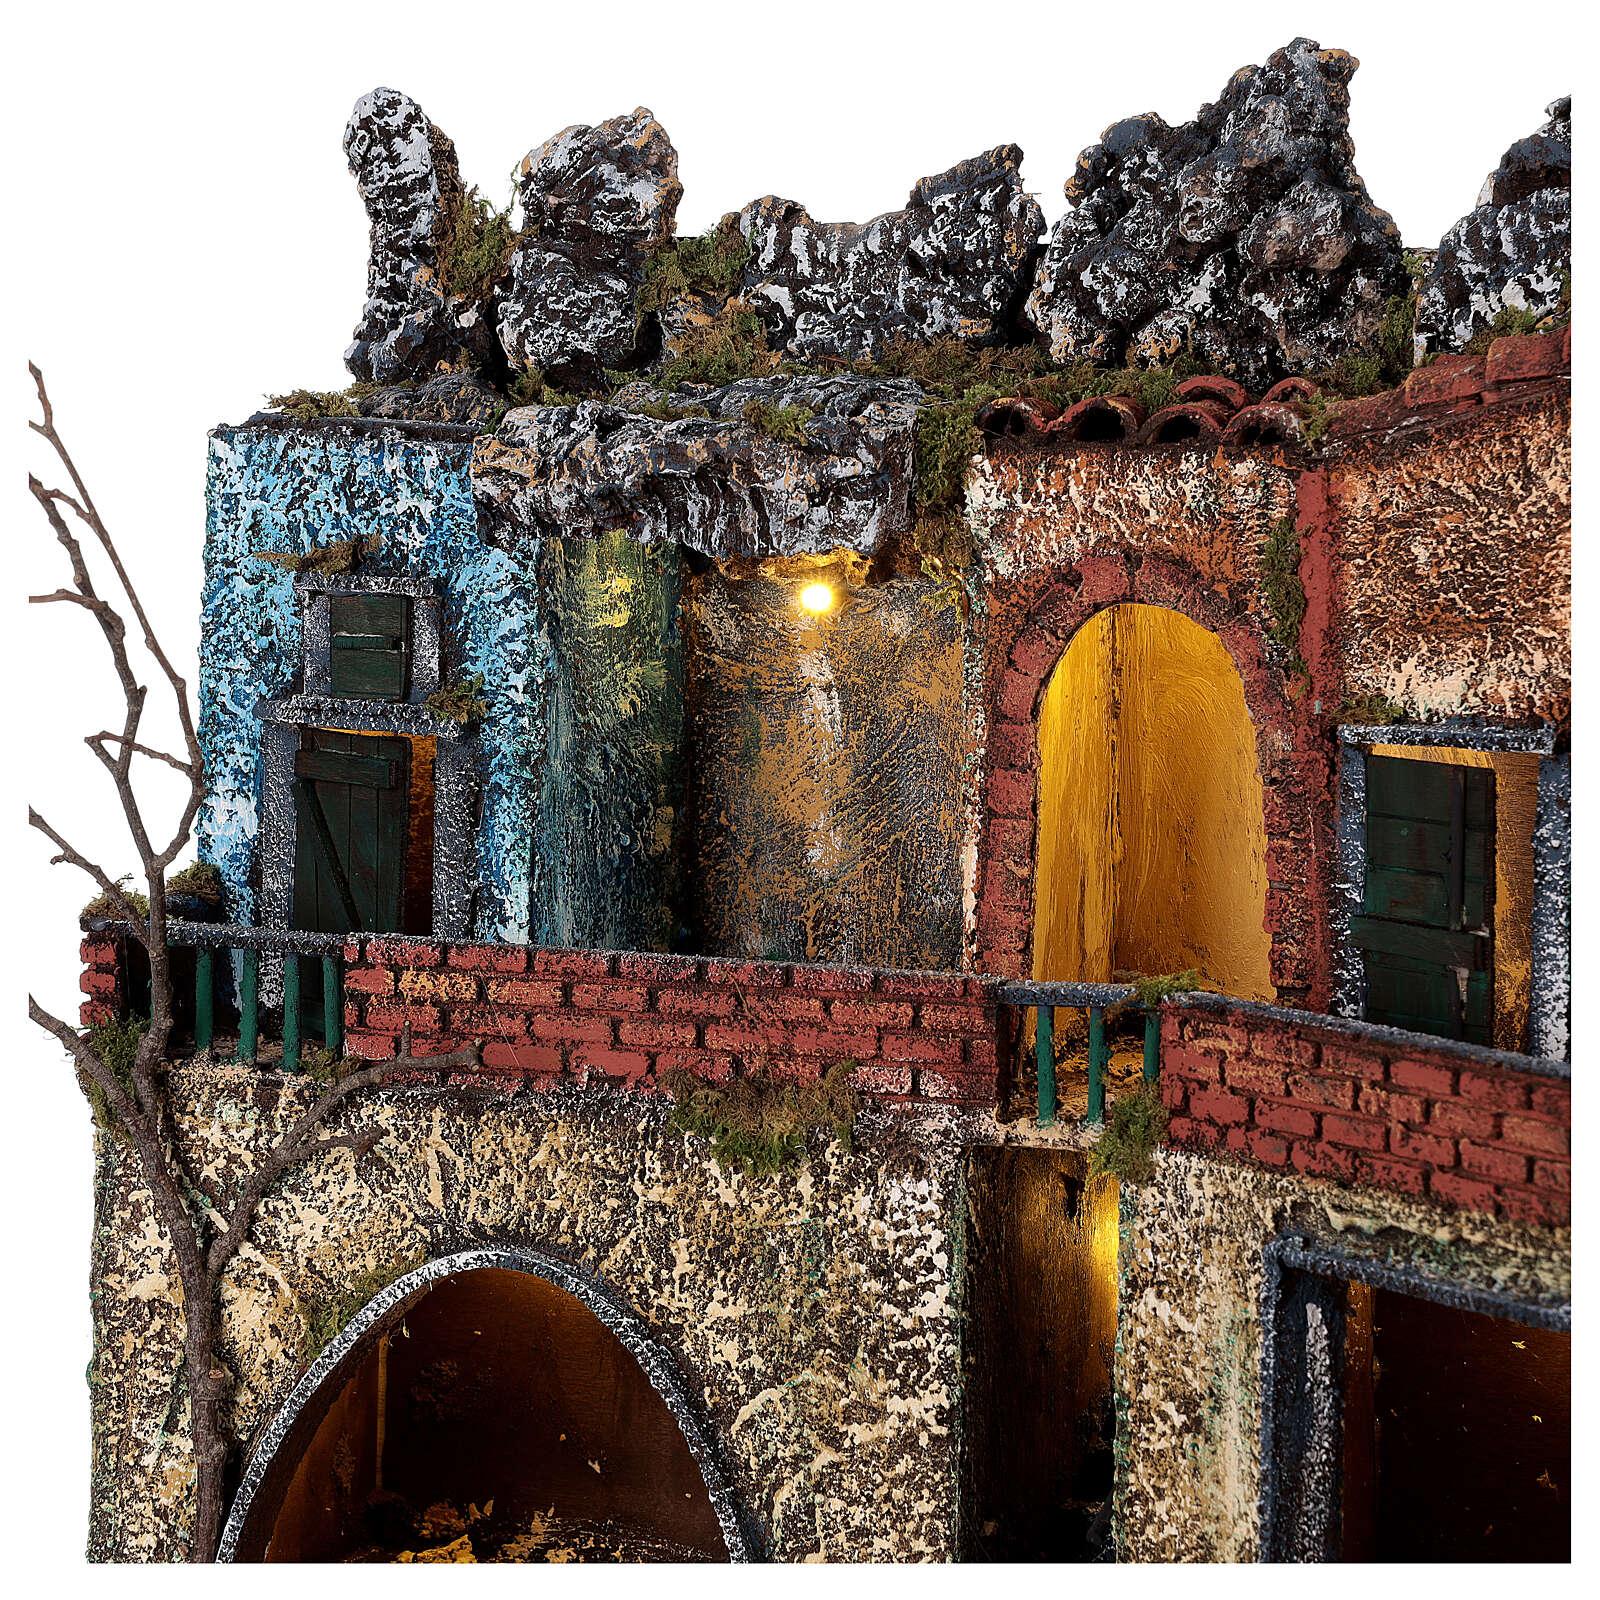 Borgo presepe napoletano due piani illuminato 40x50x30 per statue 8-10 cm 4